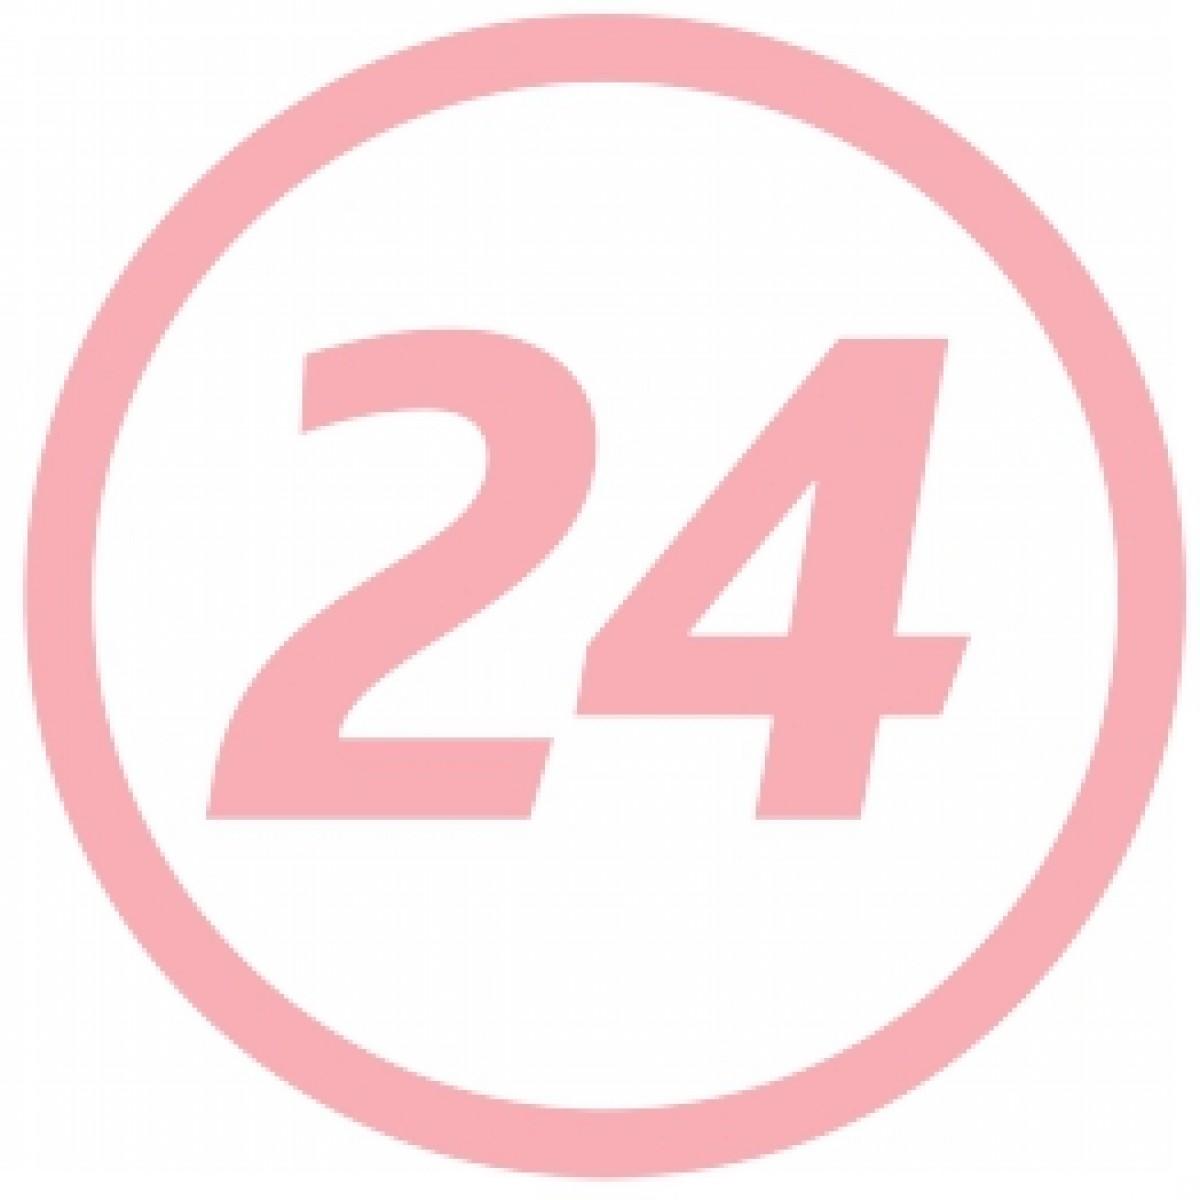 La Roche-Posay Effaclar MAT  Crema Sebo-Reglatoare, Crema, 40ml